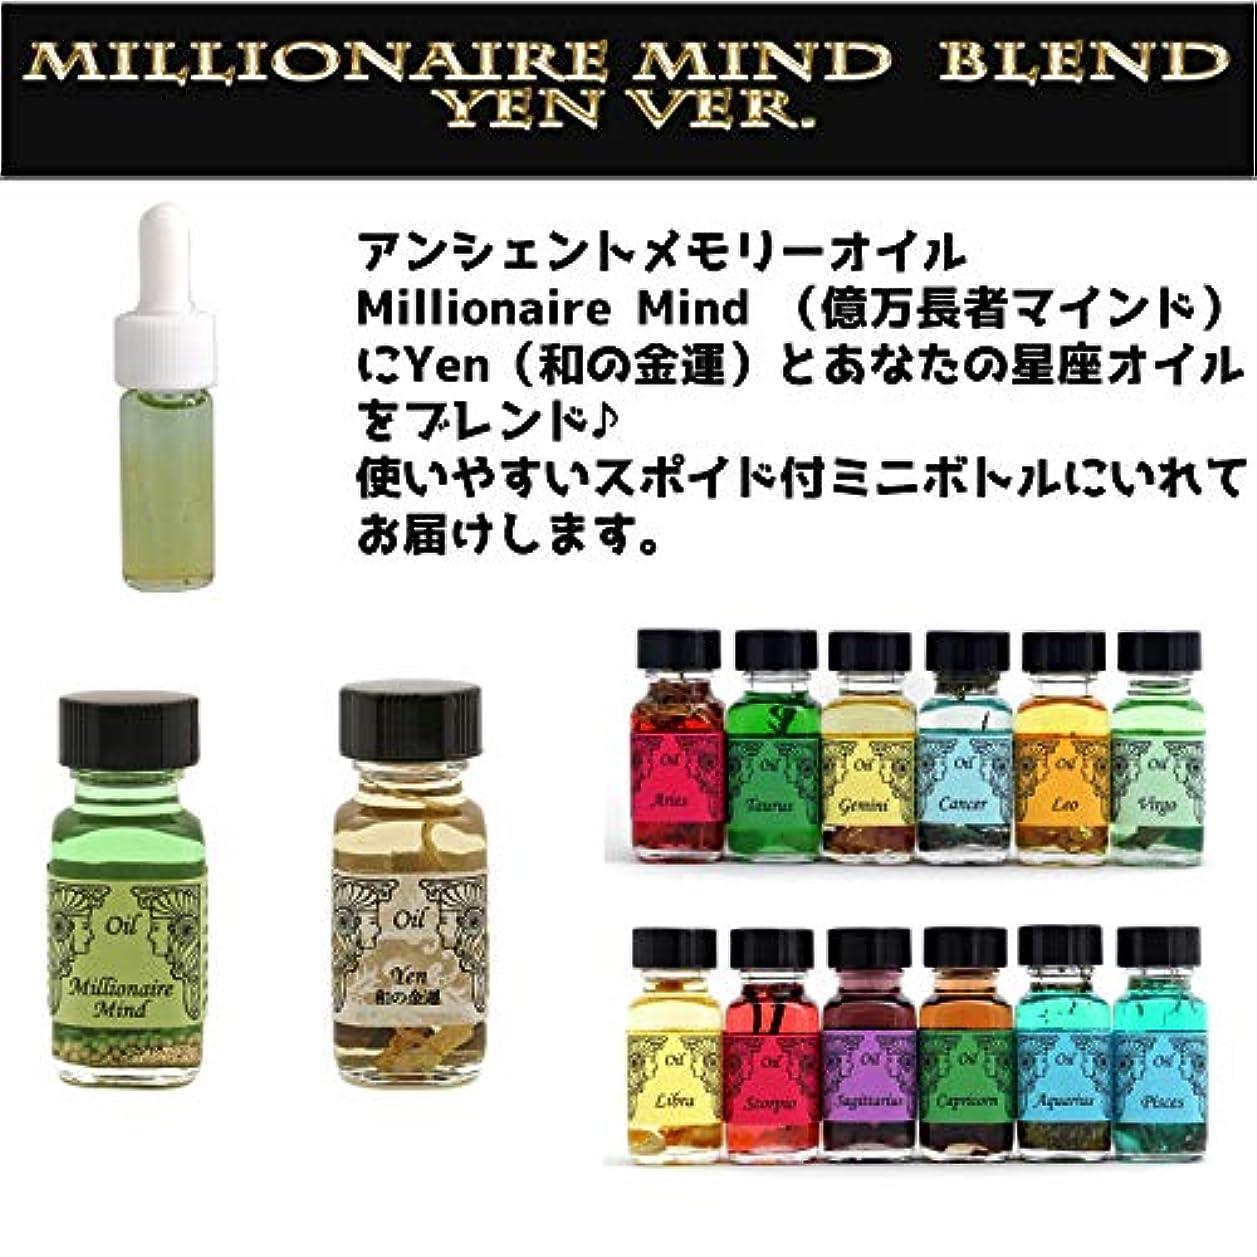 プール交流するミスペンドアンシェントメモリーオイル Millionaire Mind 億万長者マインド ブレンド【Yen 和の金運&ふたご座】